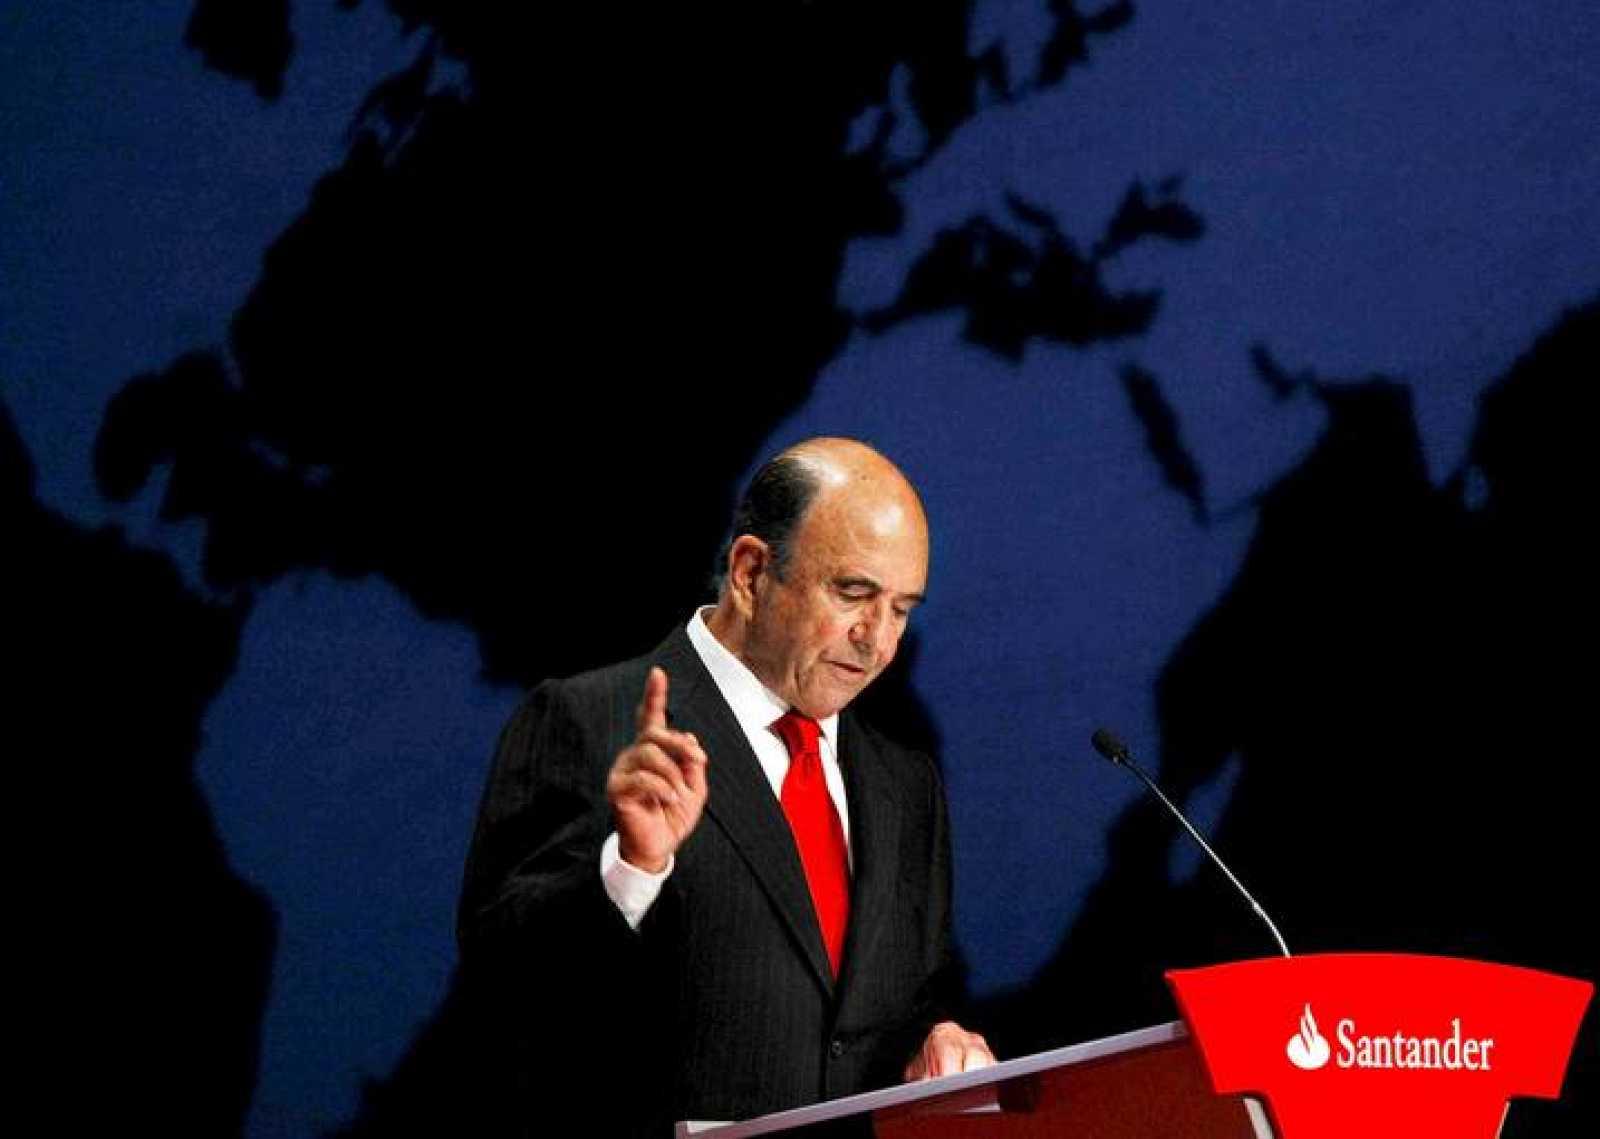 El presidente del Banco Santander, Emilio Botín, interviene durante la Junta General Ordinaria de Accionistas de la entidad